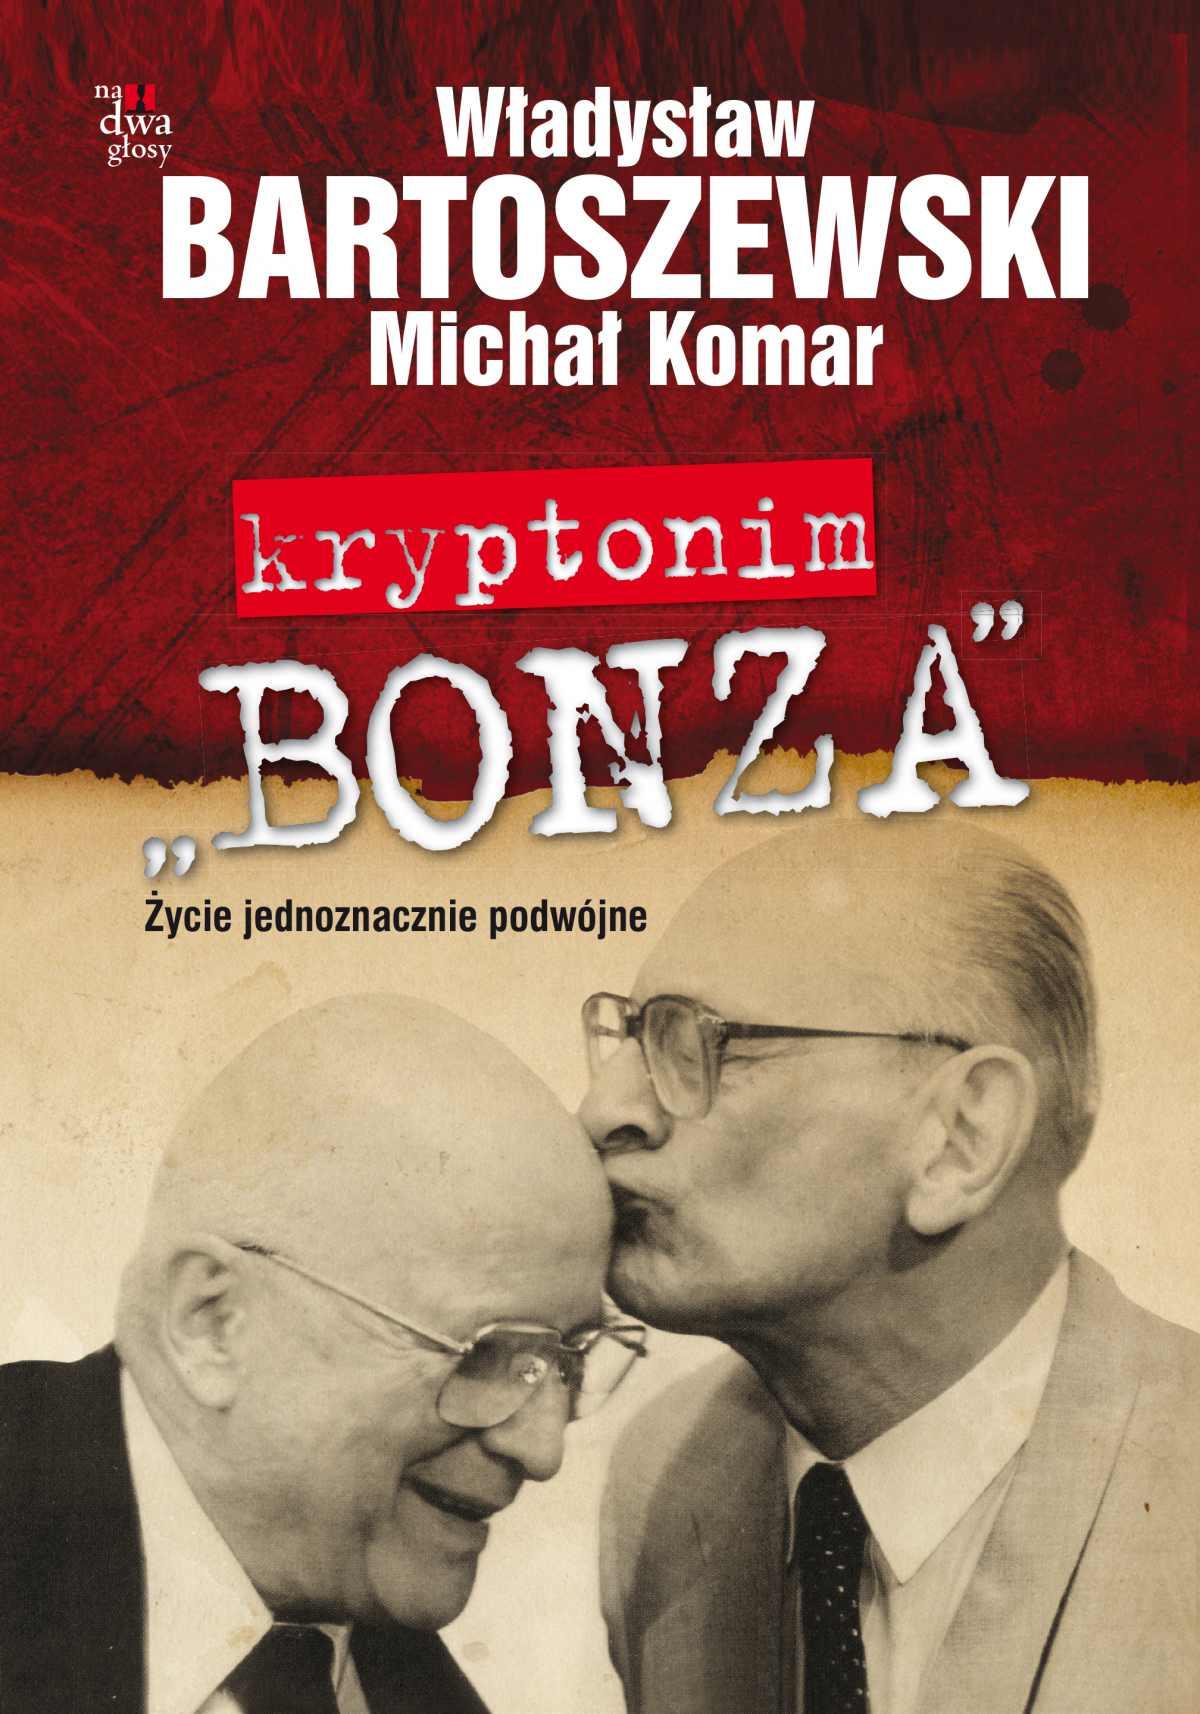 """Kryptonim """"Bonza"""". Życie jednoznacznie podwójne - Ebook (Książka EPUB) do pobrania w formacie EPUB"""